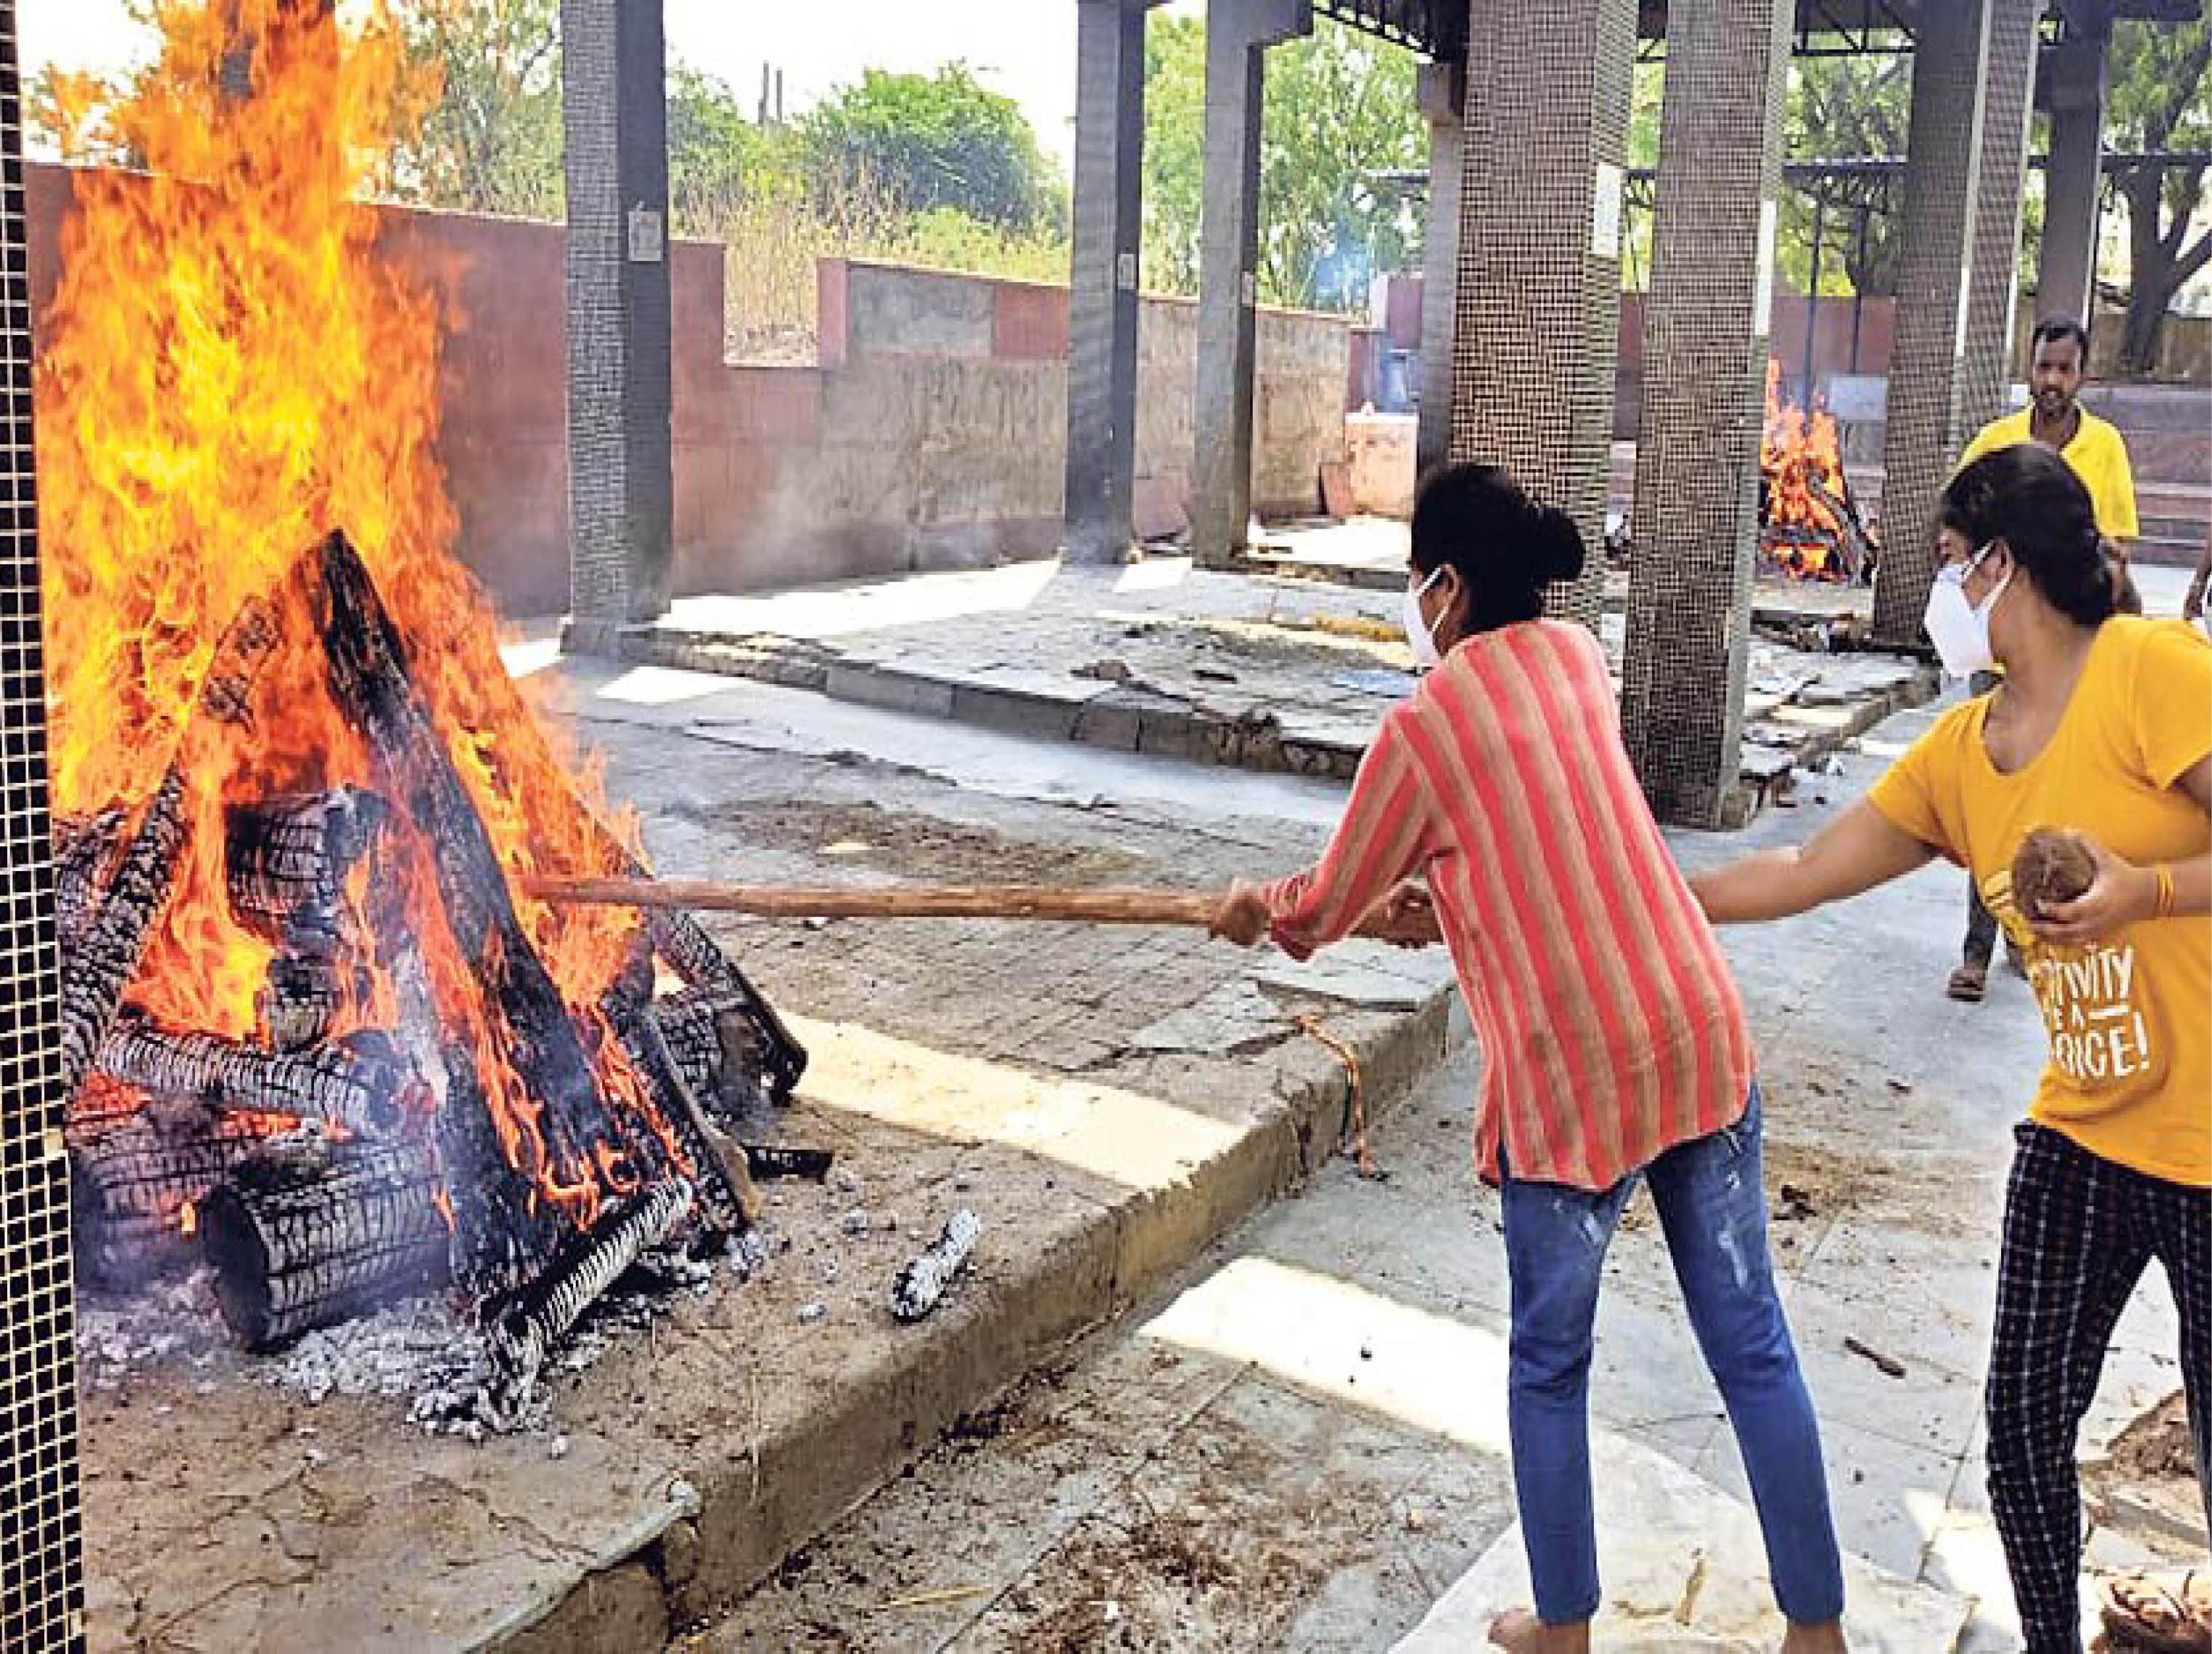 कोरोना ने पिता को तो ब्लैक फंगस ने मां को छीना।  27 मई को दोनों बेटियों ने मां को मुखाग्नि दी। - Dainik Bhaskar